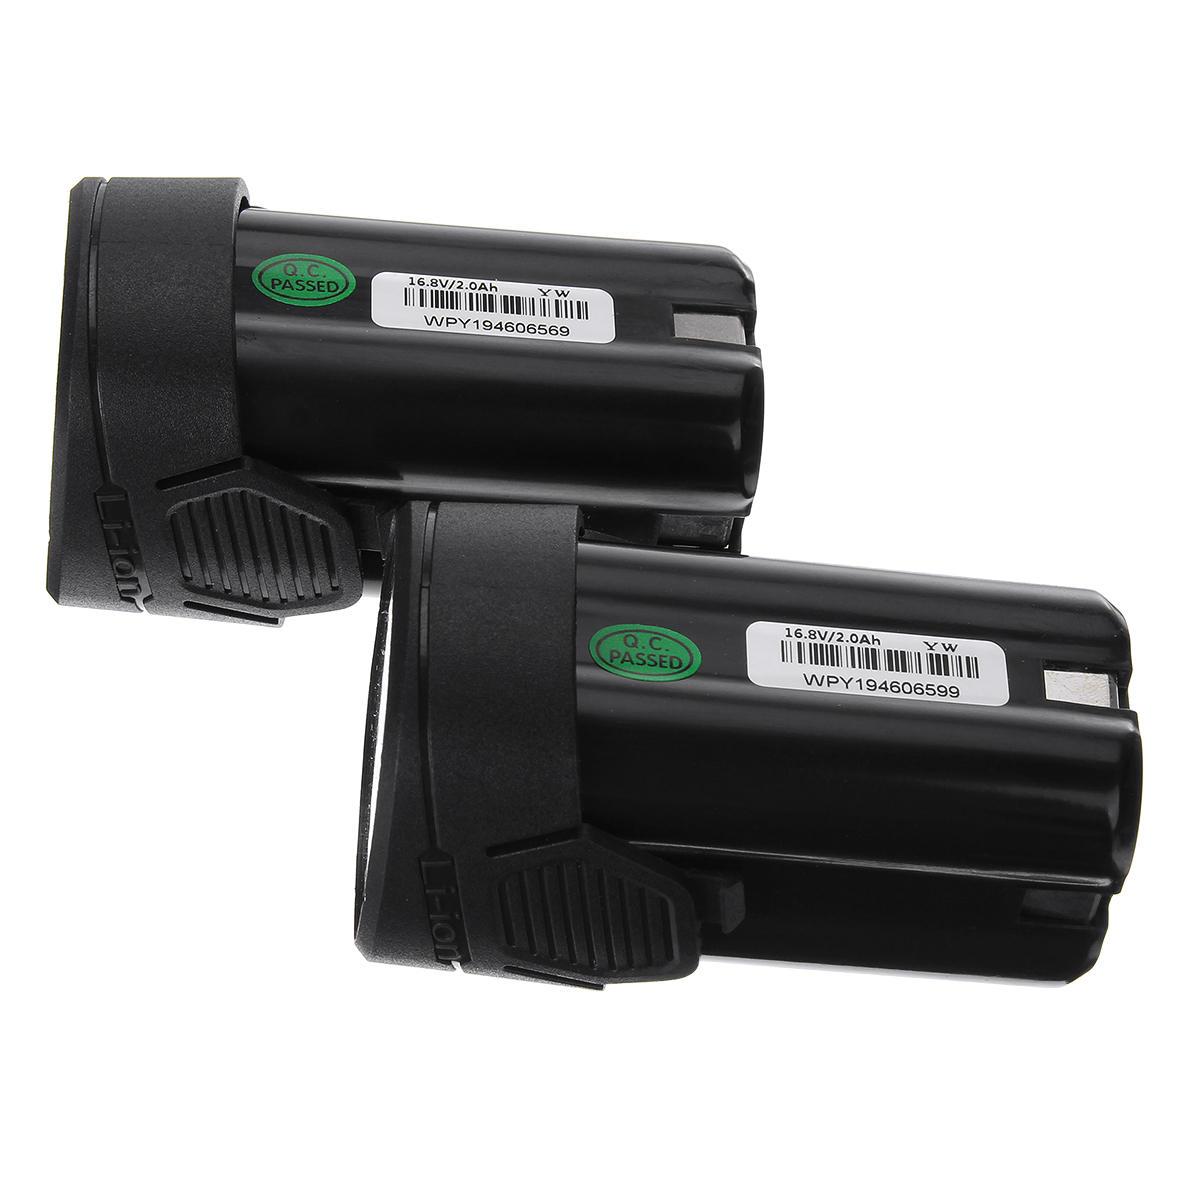 T130K Dual Action Airbrush 0.2/0.5mm 7CC Gravity Feed Airbrush Spray Gun Paint Kit Spraying Gun - 10